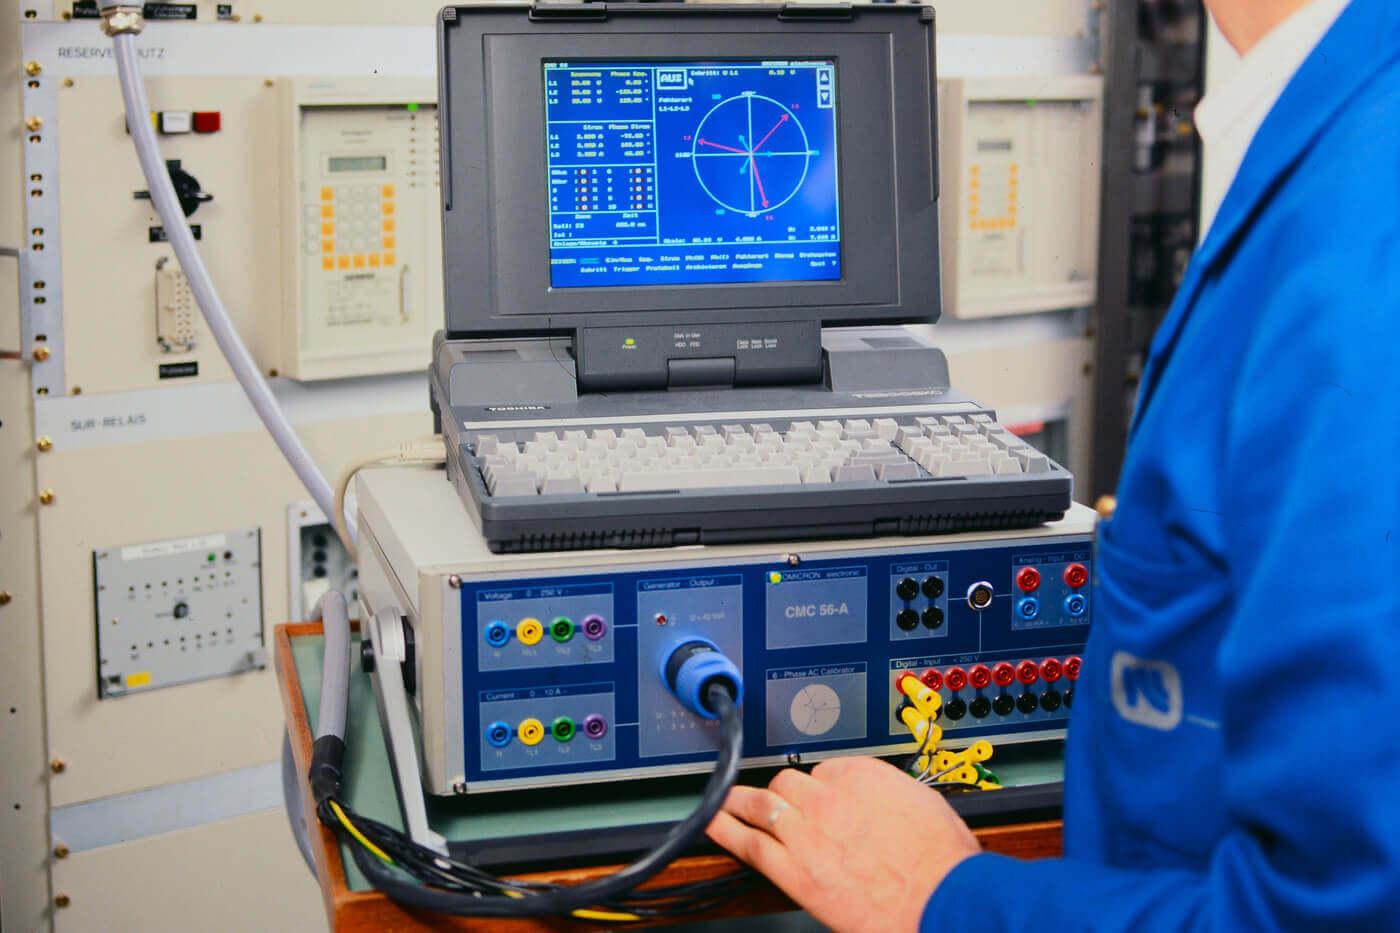 Repräsentanz Omicron Electronics Ukraine Inc.